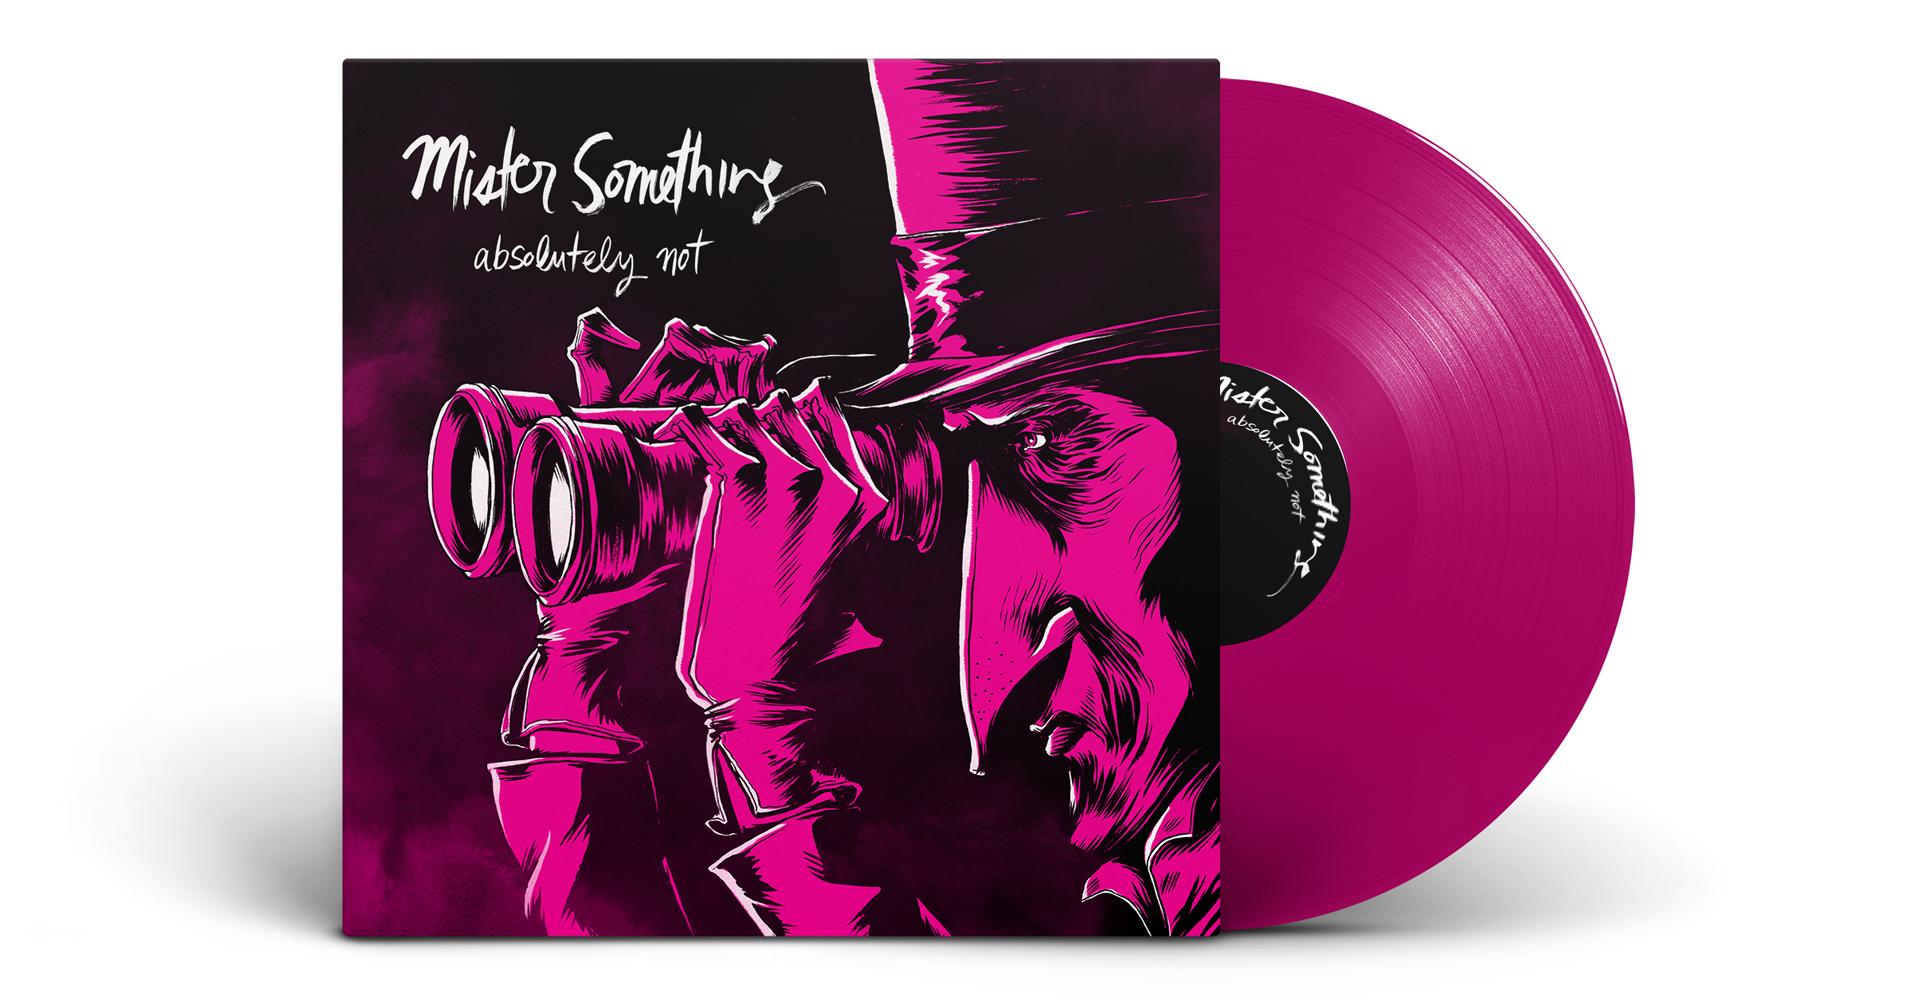 Mister Something Vinyl